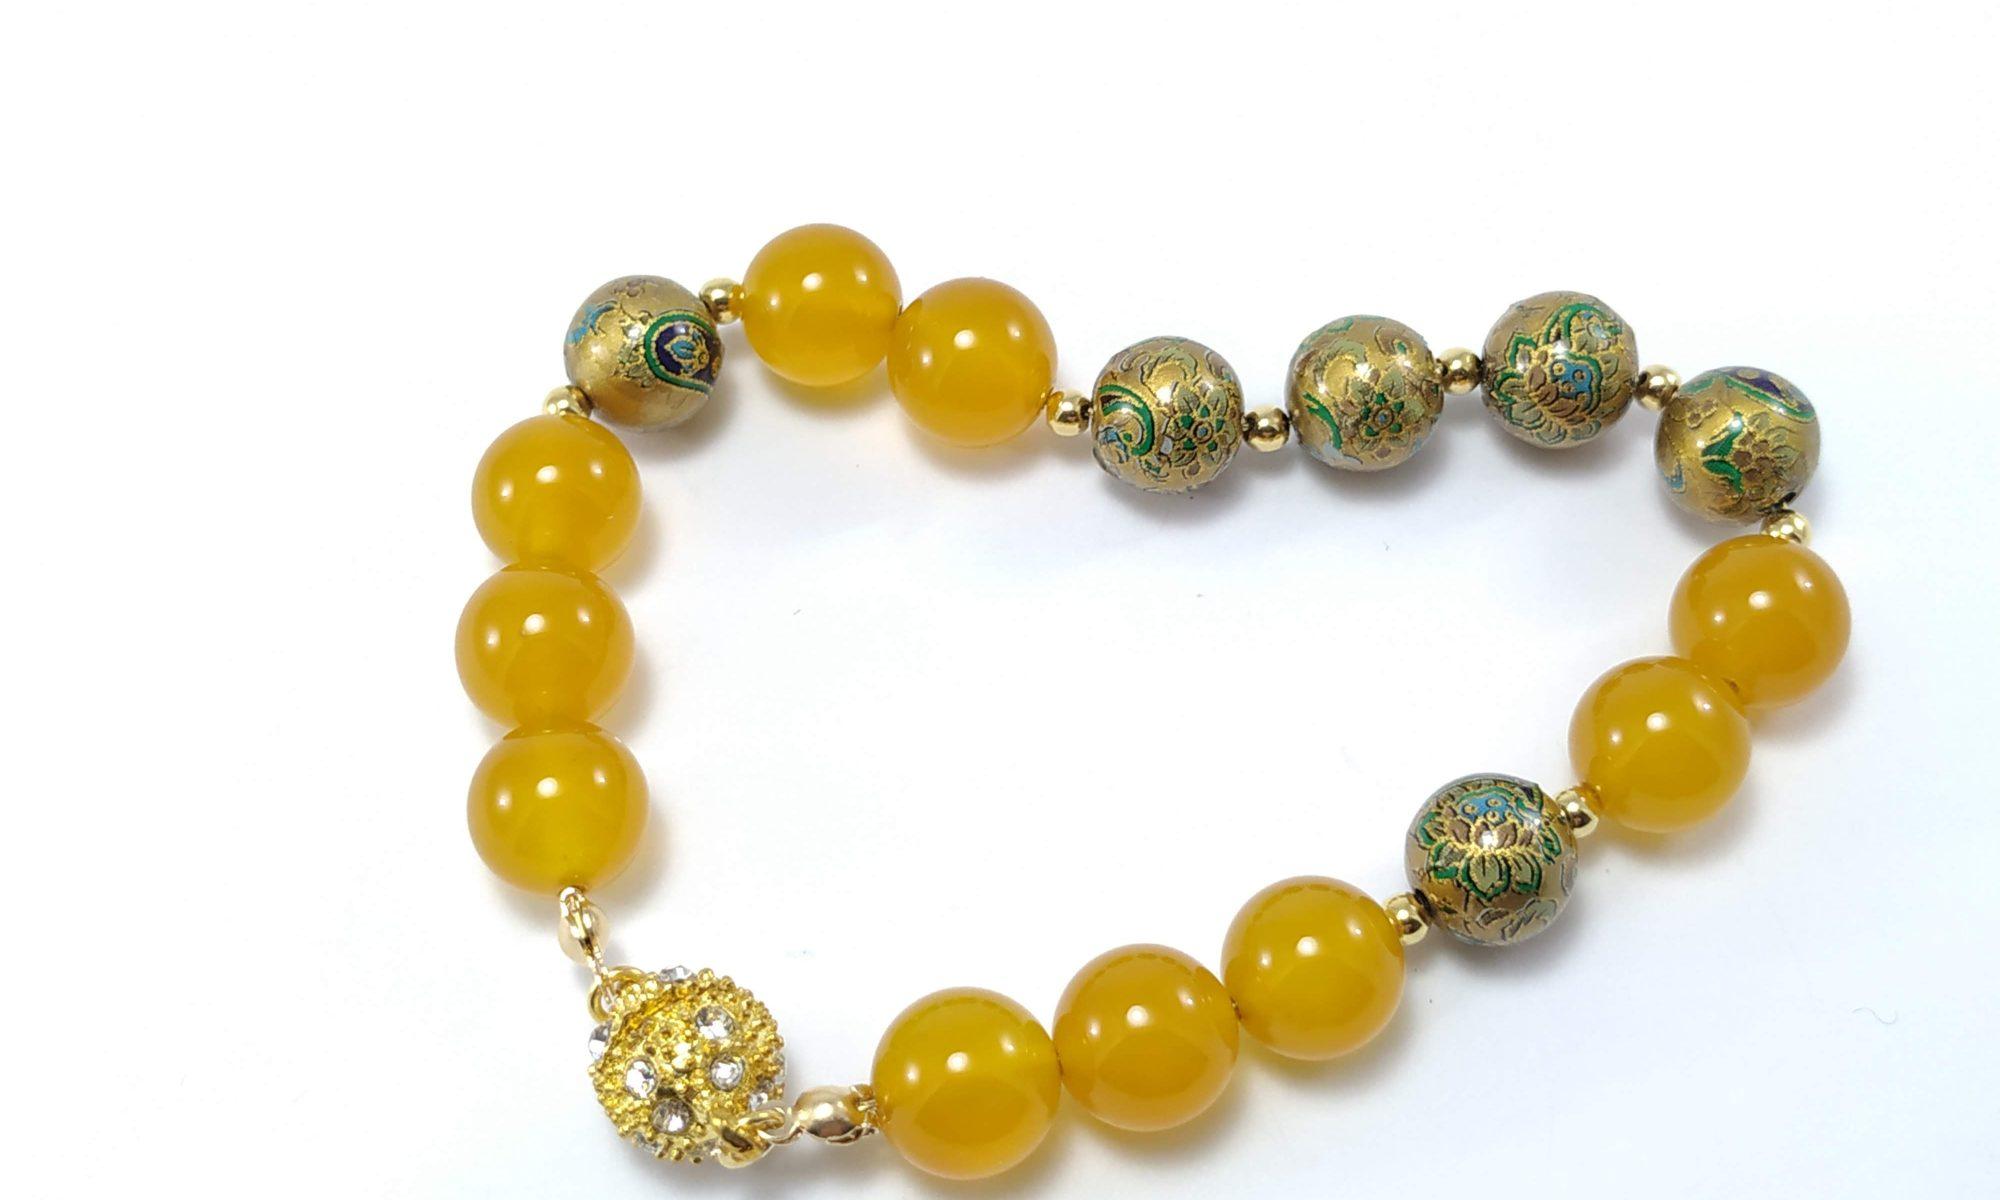 Bracciale porta fortuna con giada gialla e perle tensha